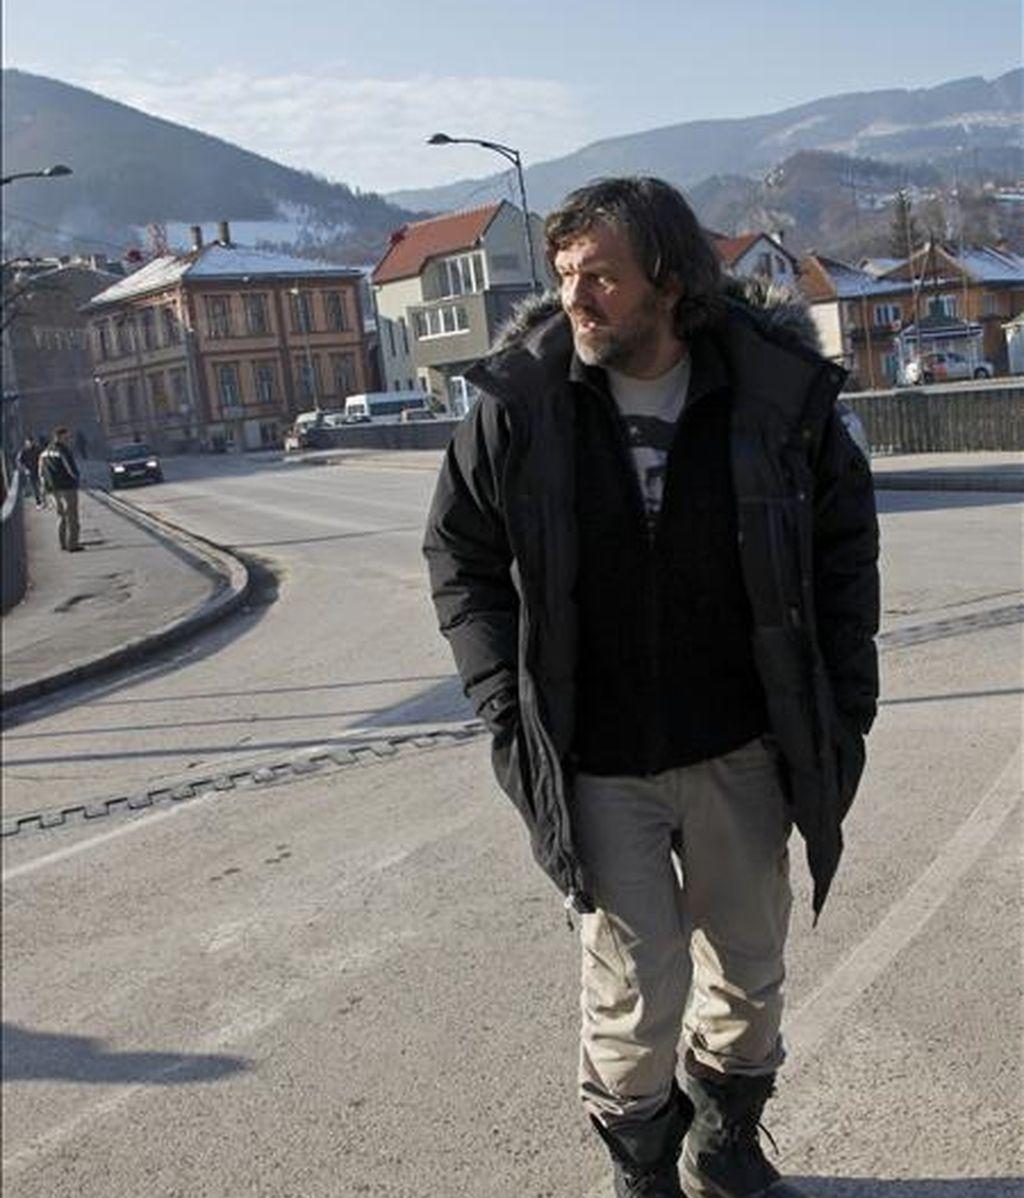 """El director de cine bosnio Emir Kusturica ha anunciado un polémico proyecto basado en un poblado de piedra en Visegrad, donde se desarrolla la novela """"El puente sobre el Drina"""" de Ivo Andric, quien recibió el premio Nobel de Literatura en 1961. En la imagen, Emir Kusturica durante su visita a Visegrad. EFE"""